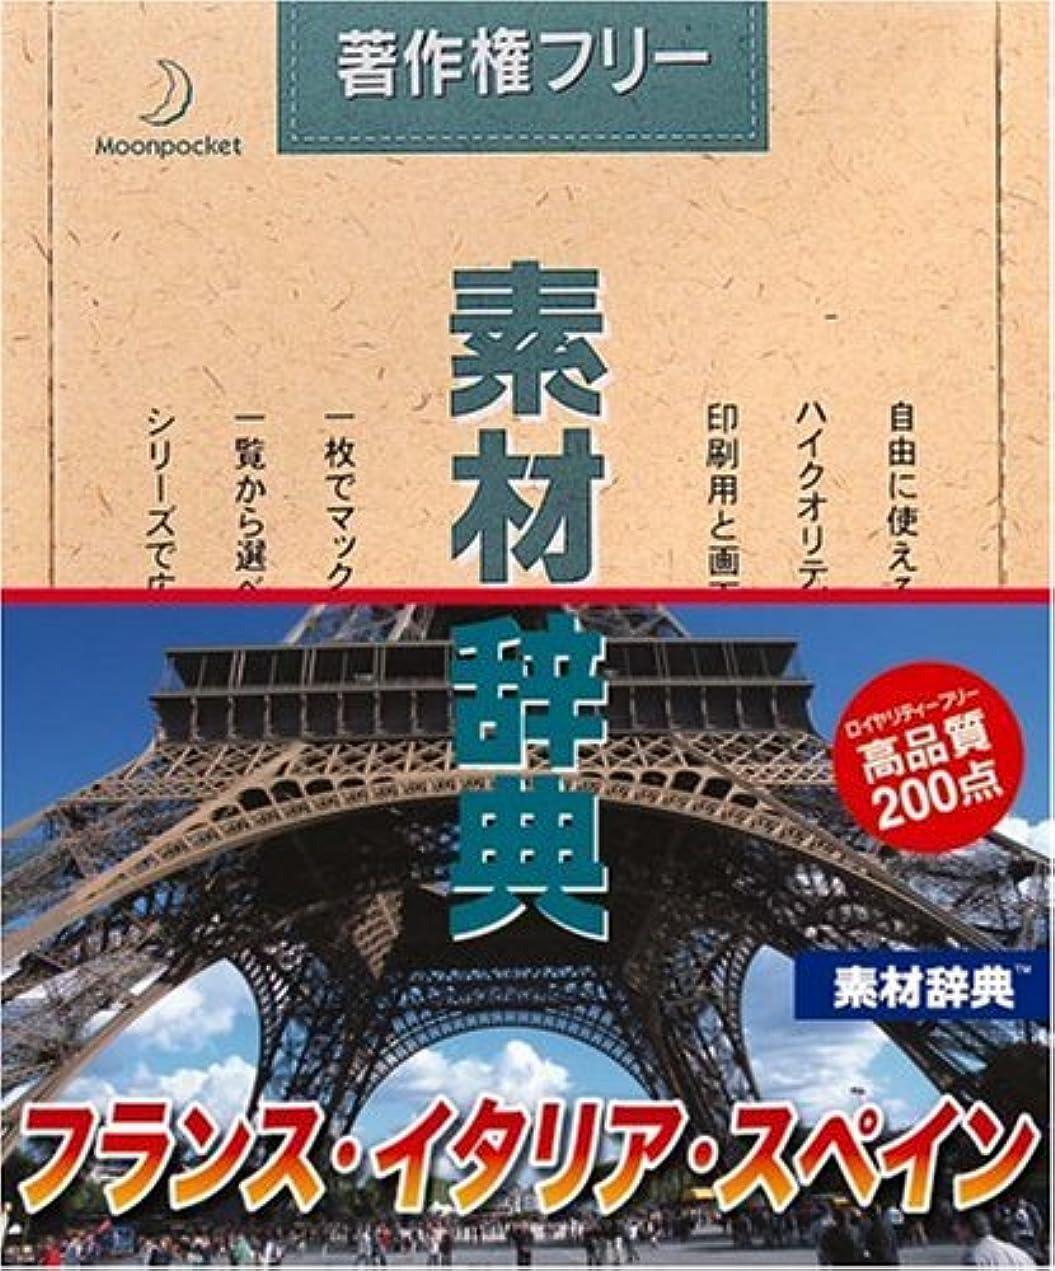 原子炉キリストボトルネック素材辞典 Vol.103 フランス?イタリア?スペイン編